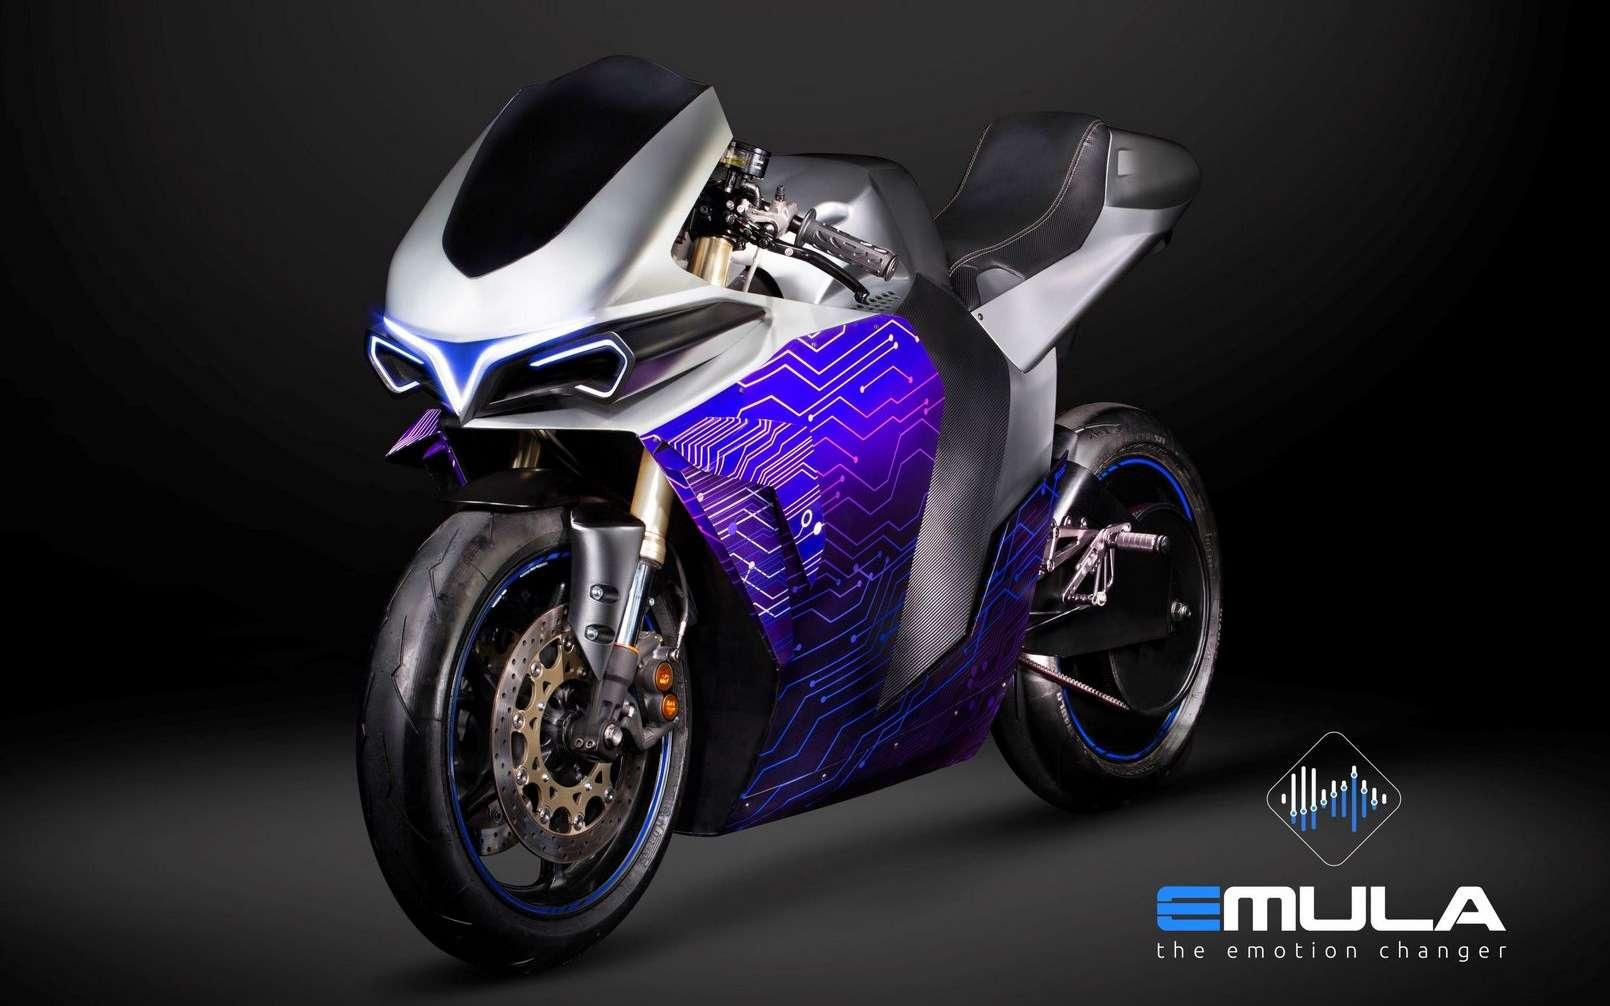 La moto électrique Emula de 2electron est un concept qui n'a pas vocation à être commercialisé. © 2electron